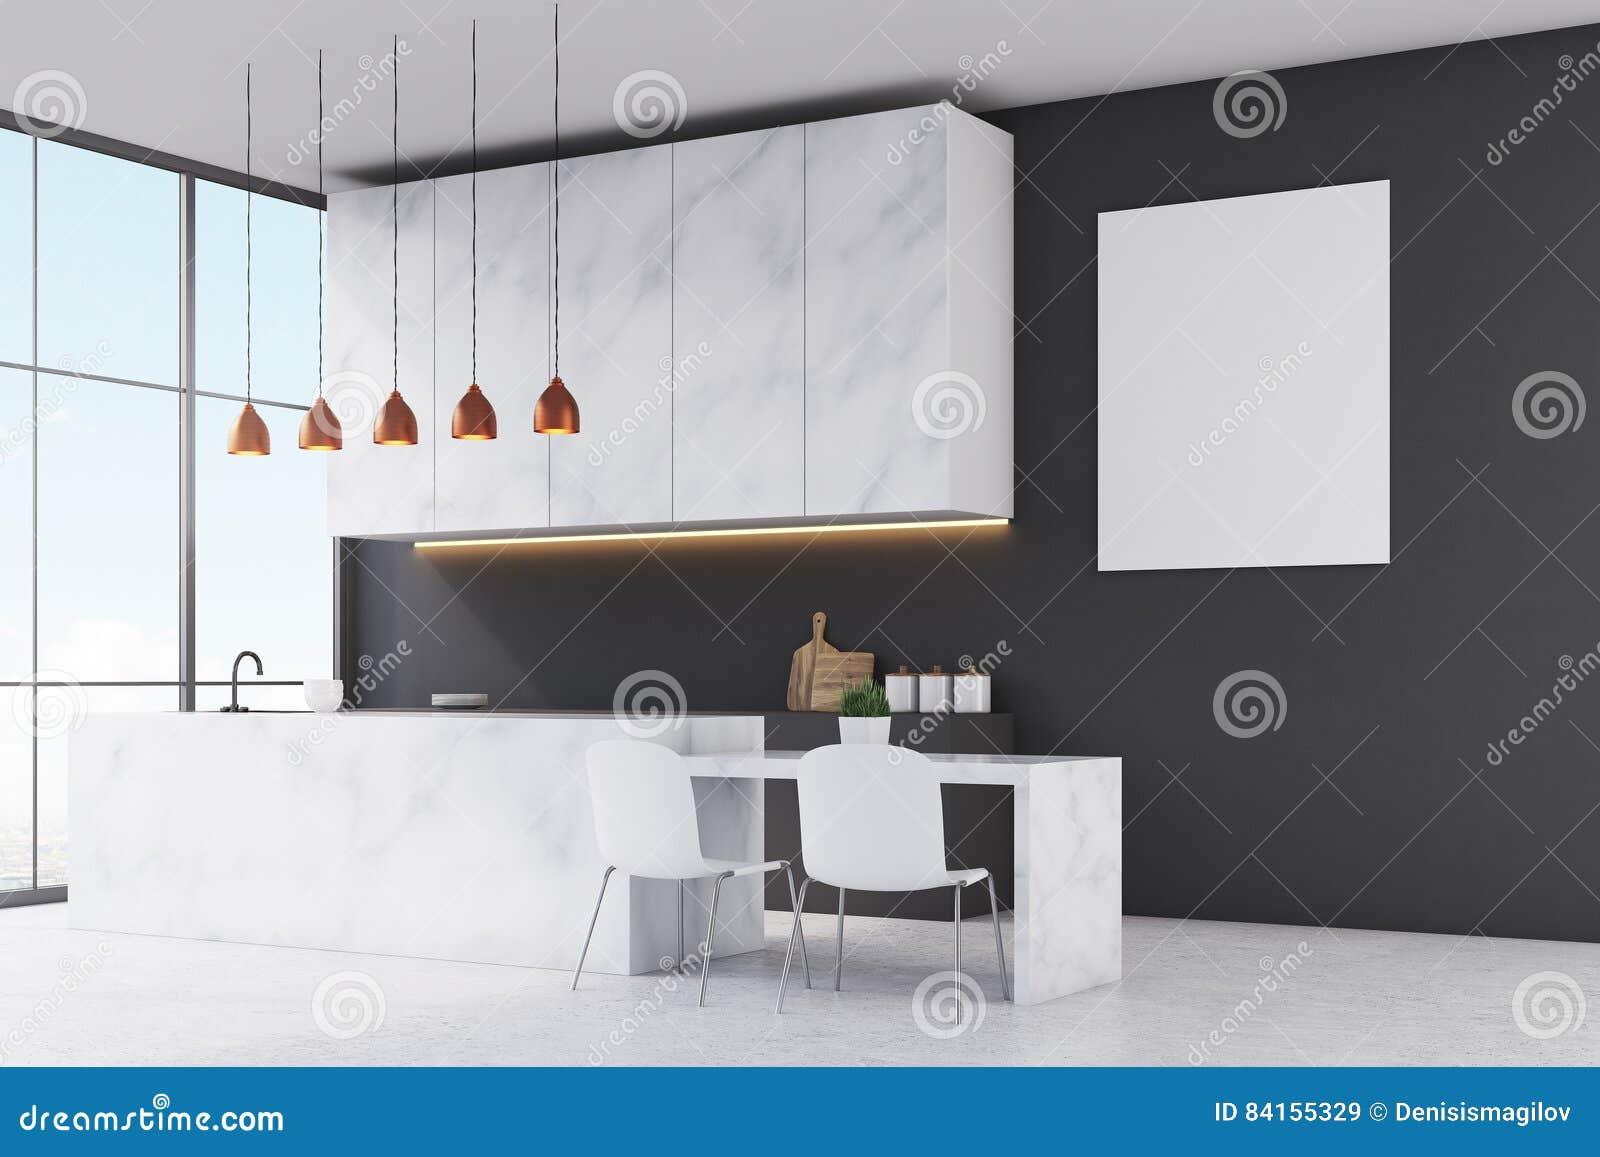 Keuken Witte Kleine : Zijaanzicht van een keuken met marmeren meubilair zwarte muren